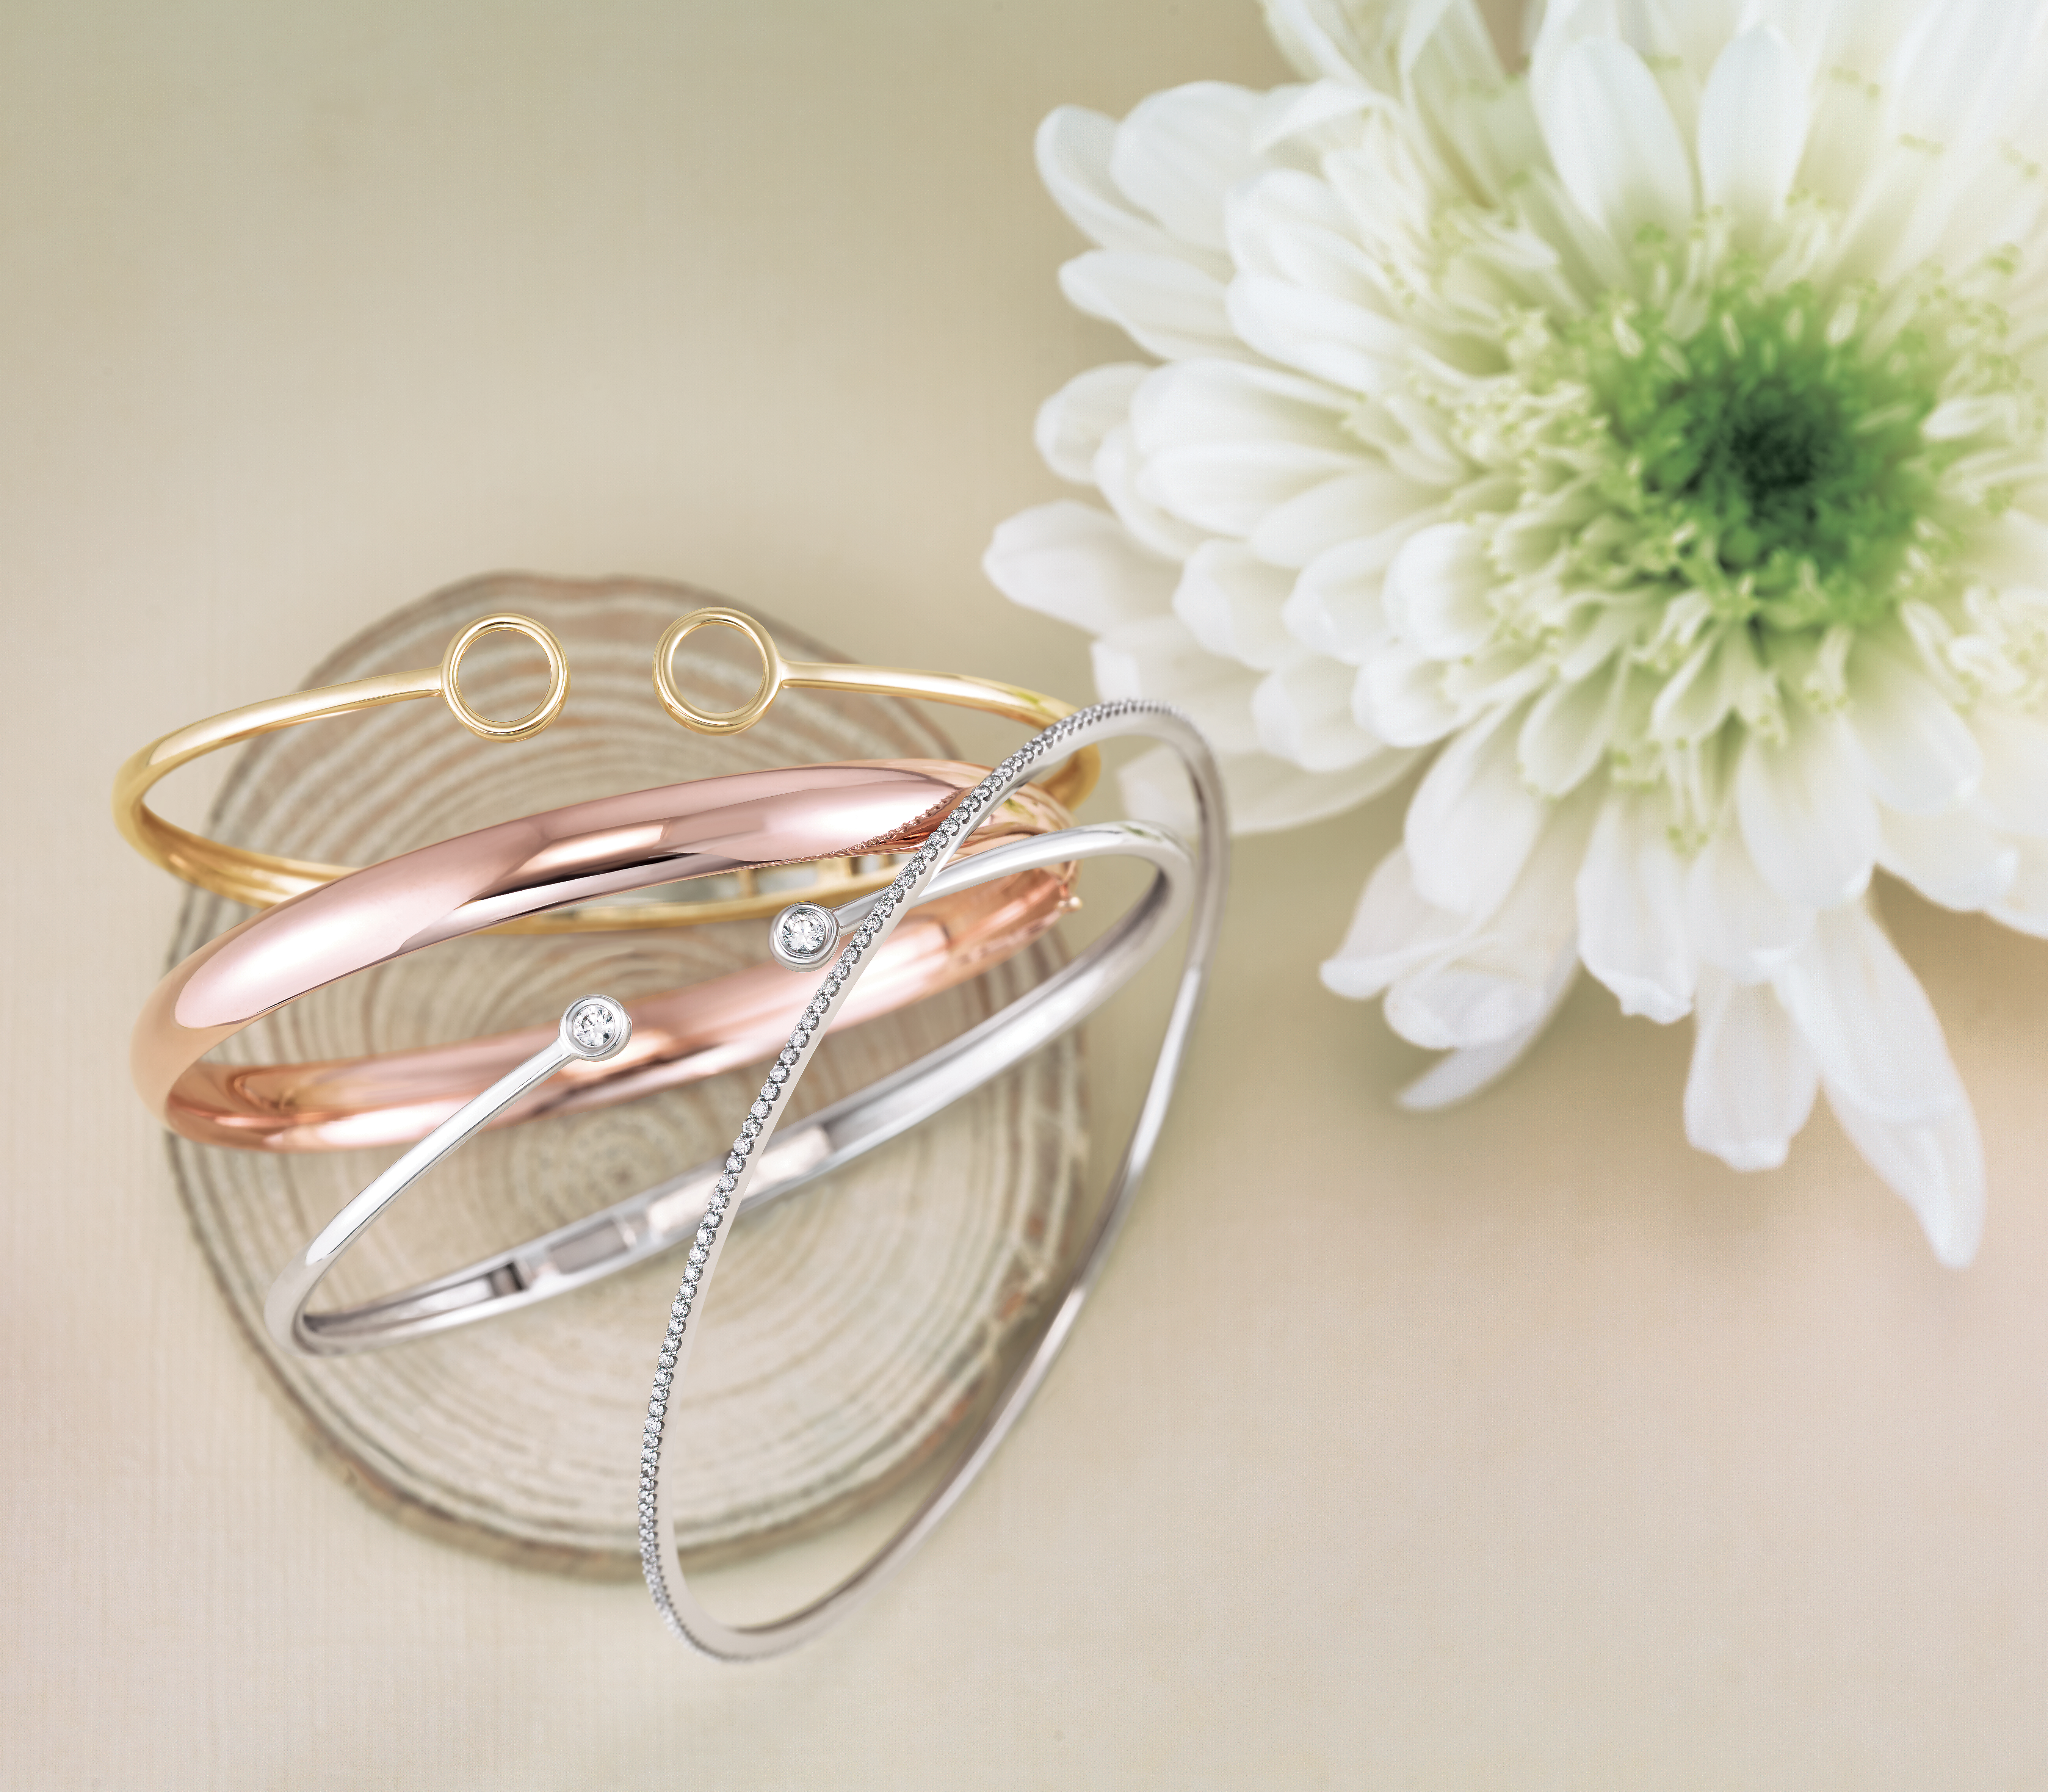 Website Bracelets